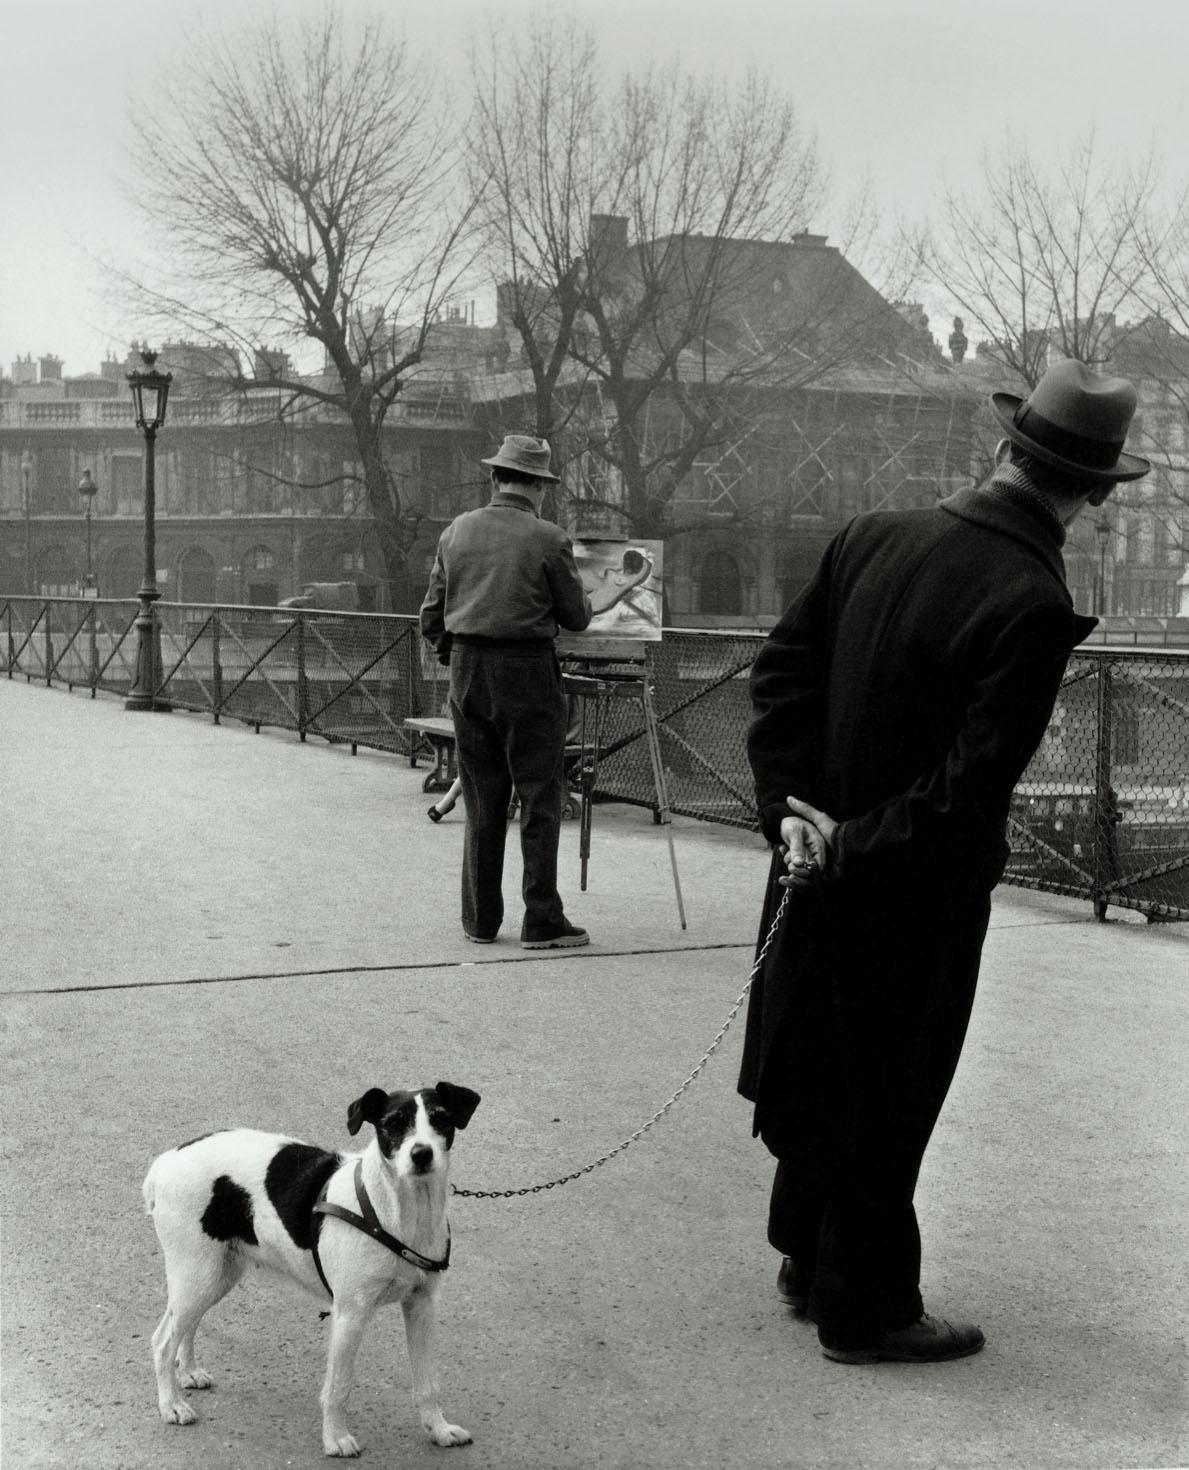 Robert Doisneau, Le chien du Pont des Arts, 1953 @ Atelier Robert Doisneau